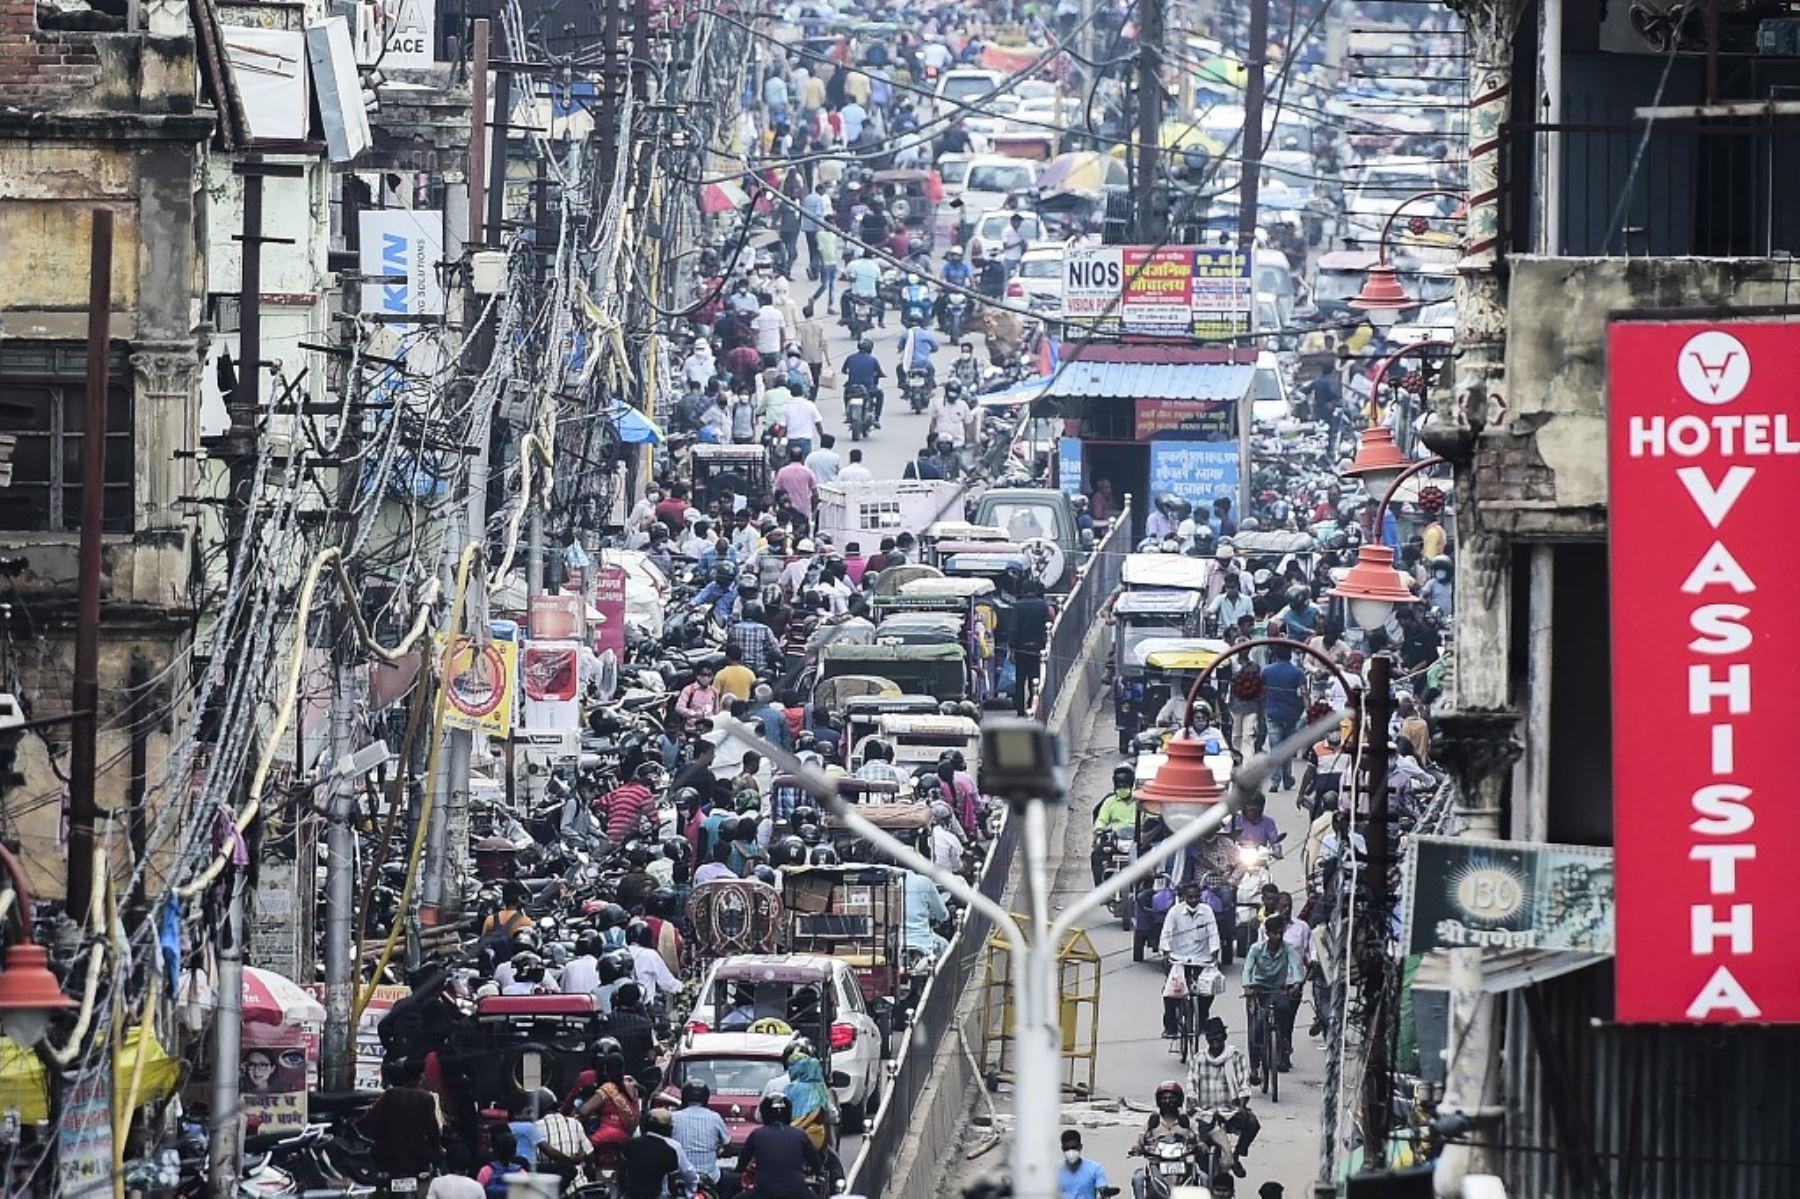 Los viajeros en sus vehículos se encuentran en un atasco después de que el gobierno alivió las restricciones impuestas como medida preventiva contra el coronavirus Covid-19, en Allahabad. Foto: AFP